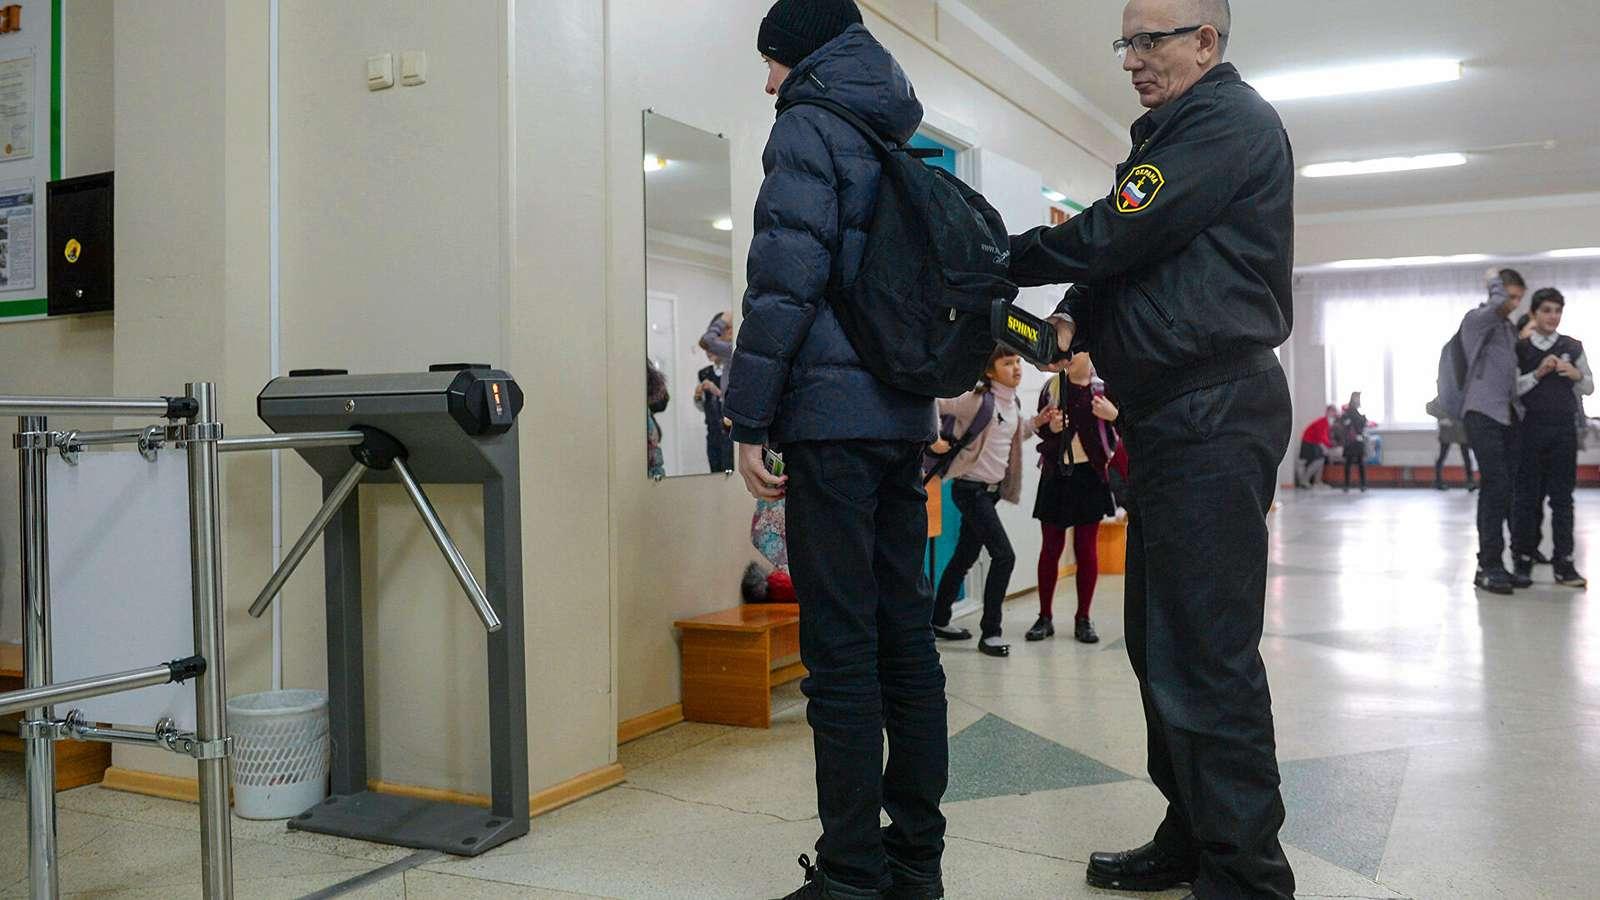 В Ижевске школы начали заключать заключать договоры на круглосуточную охрану зданий